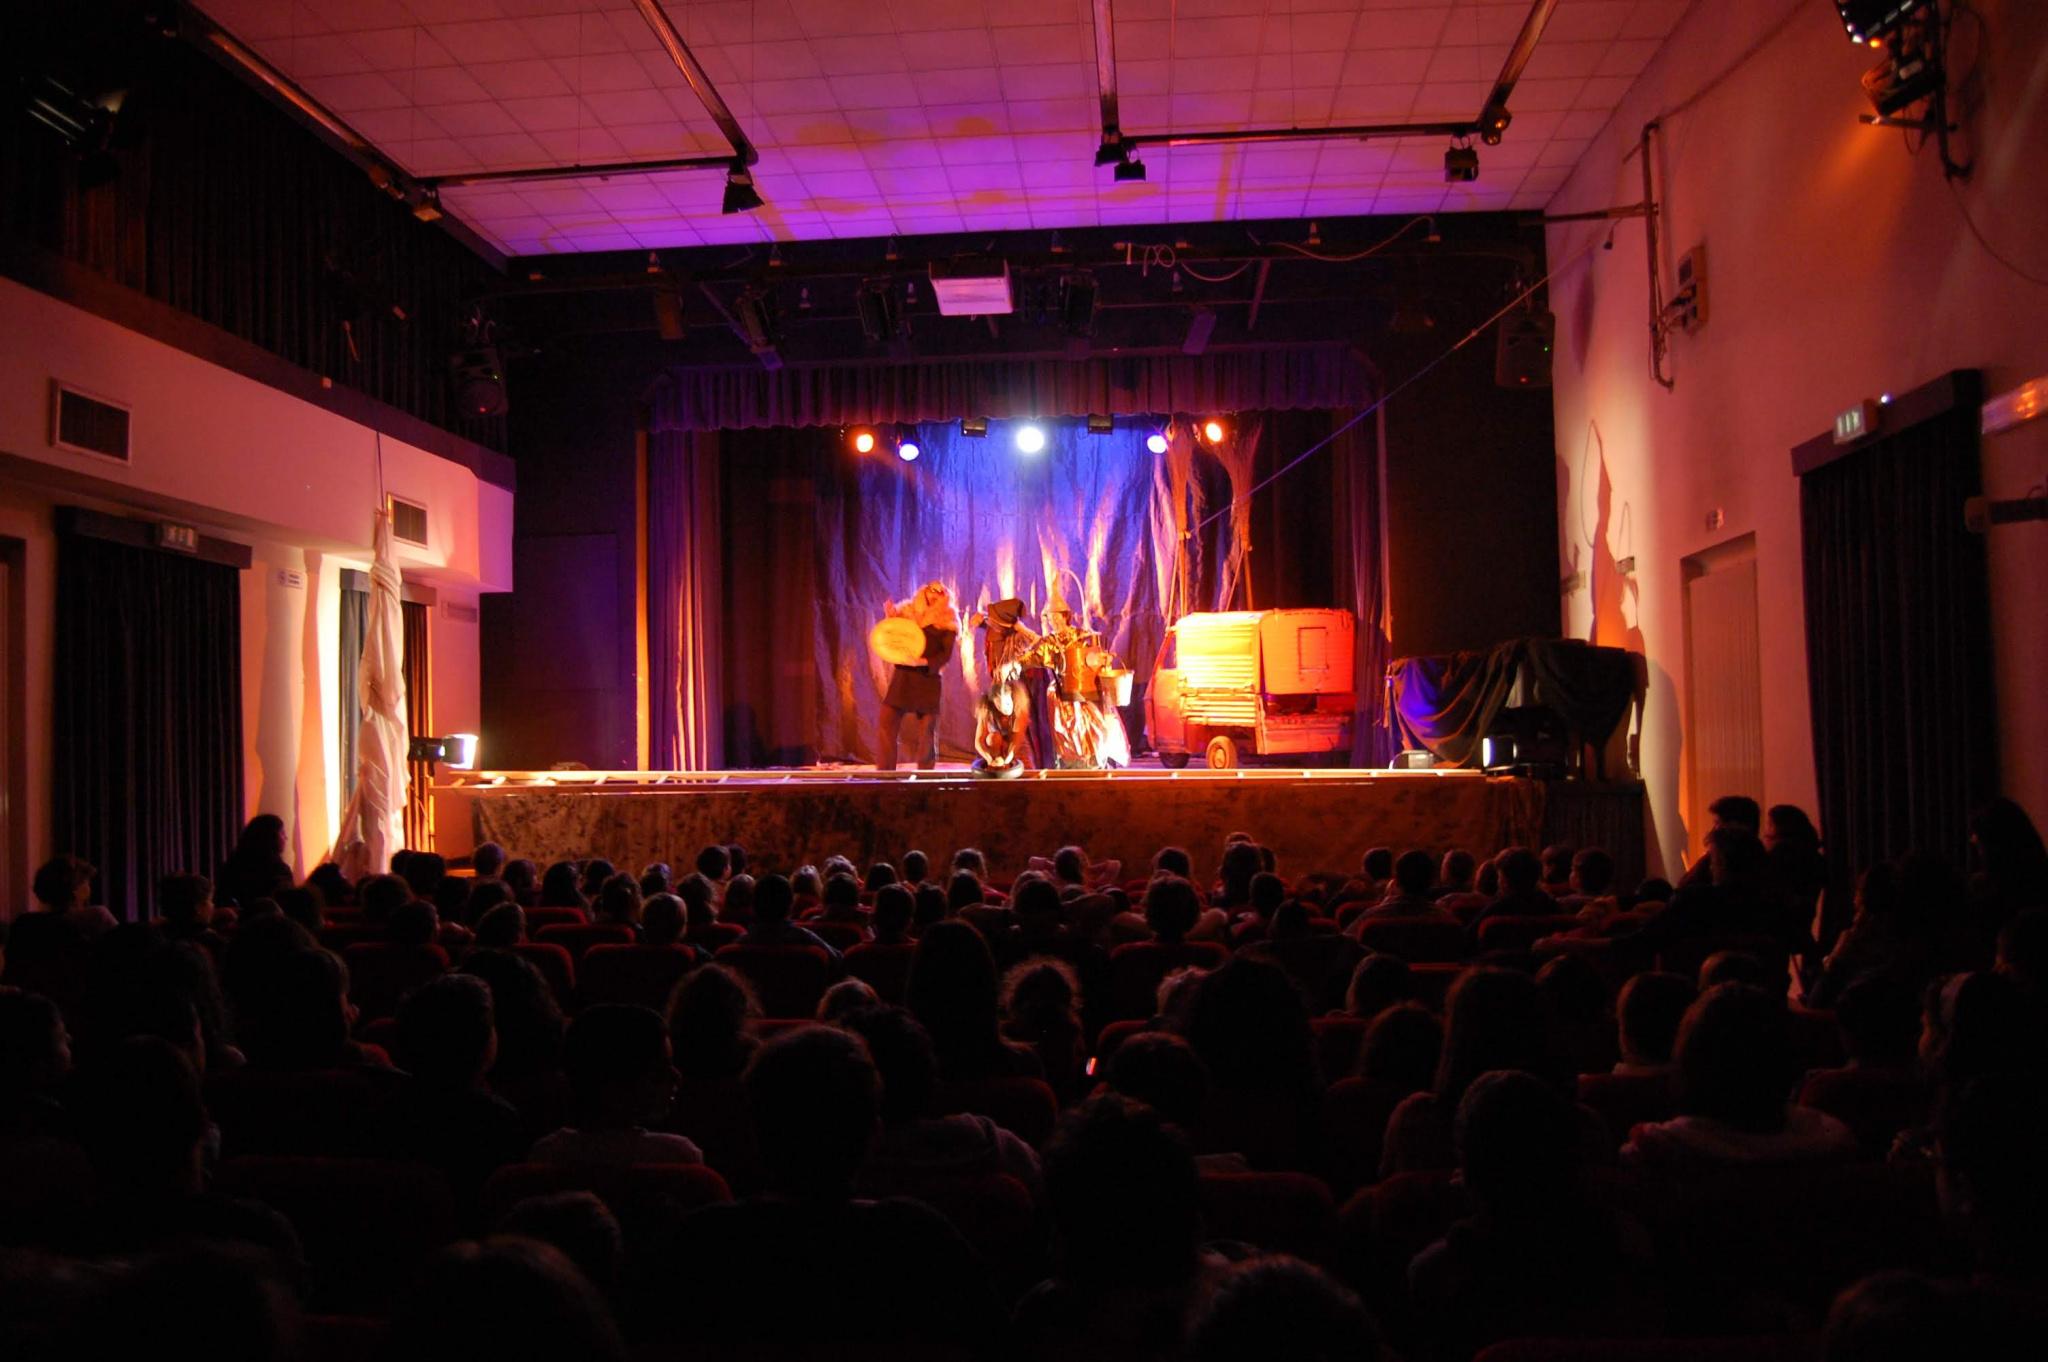 teatro Spazio Reno spettacolo Oz - 2009.JPG